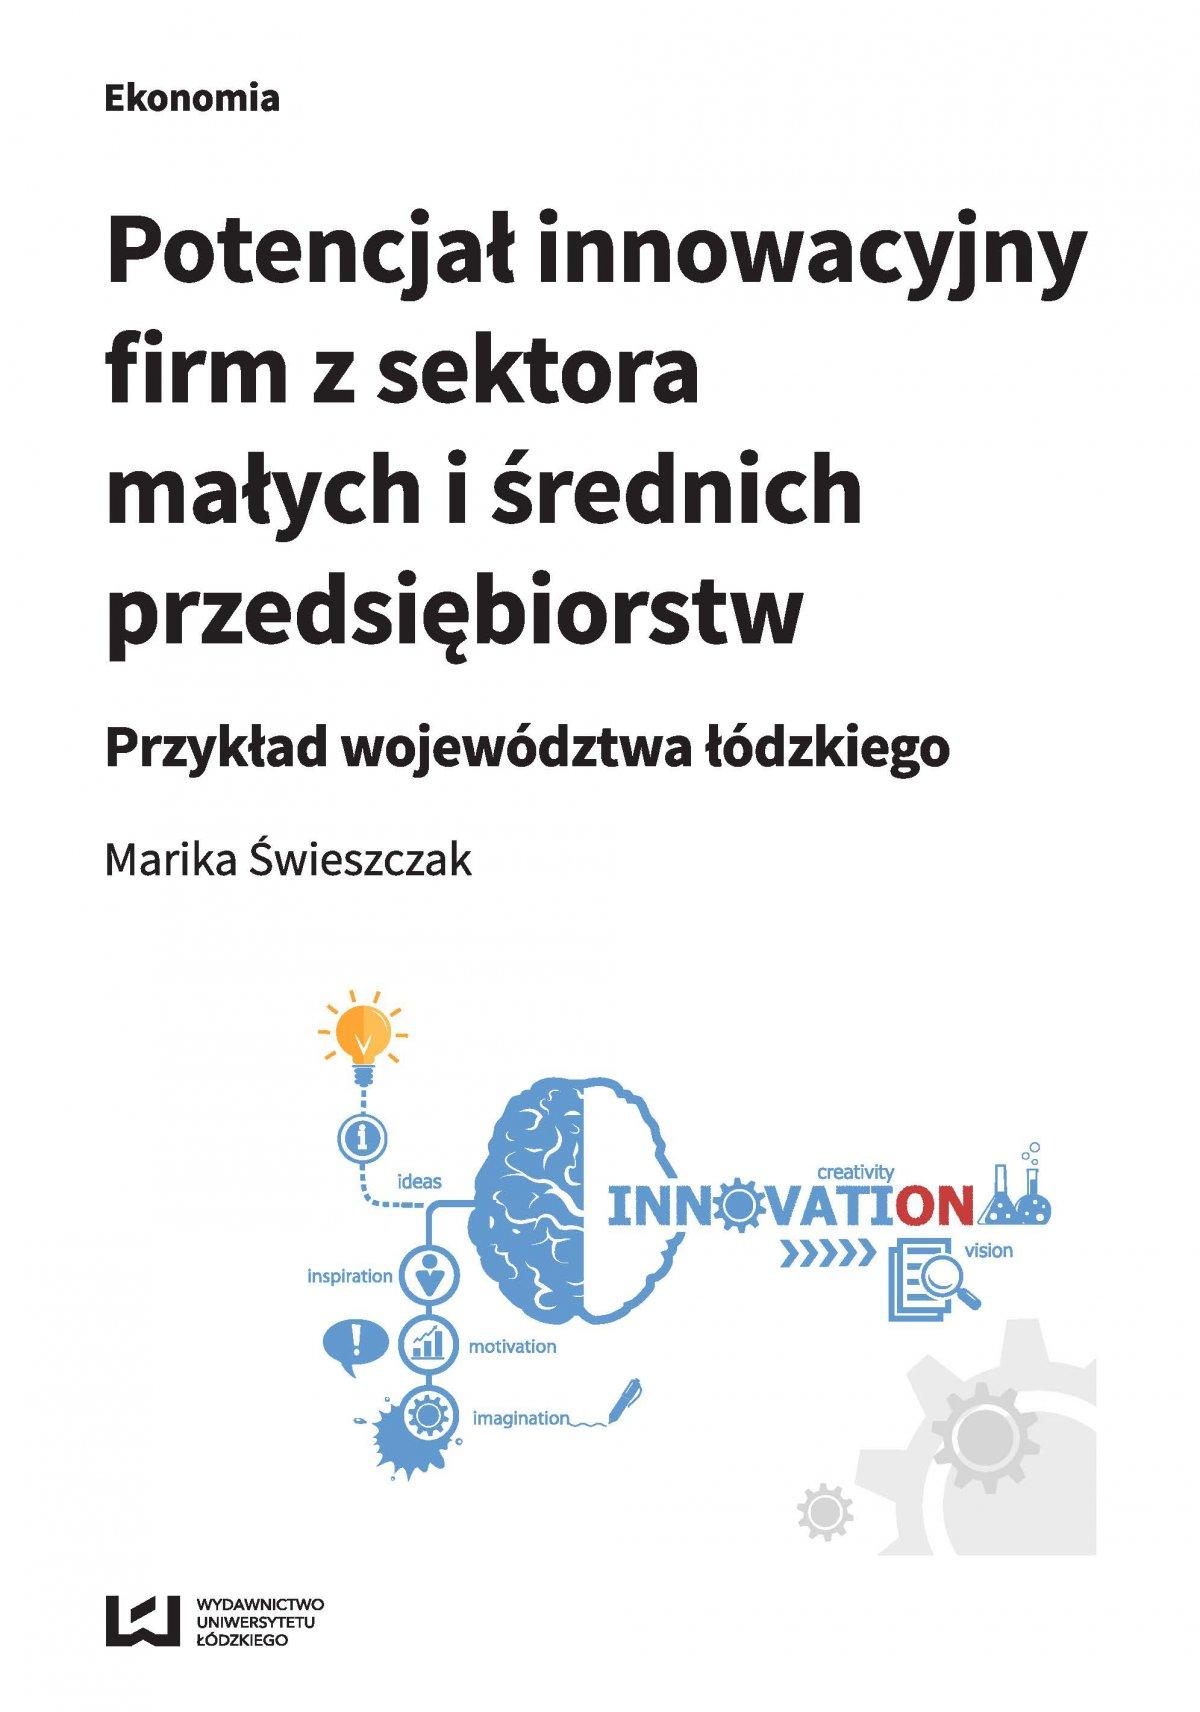 Potencjał innowacyjny firm z sektora małych i średnich przedsiębiorstw. Przykład województwa łódzkiego - Ebook (Książka PDF) do pobrania w formacie PDF